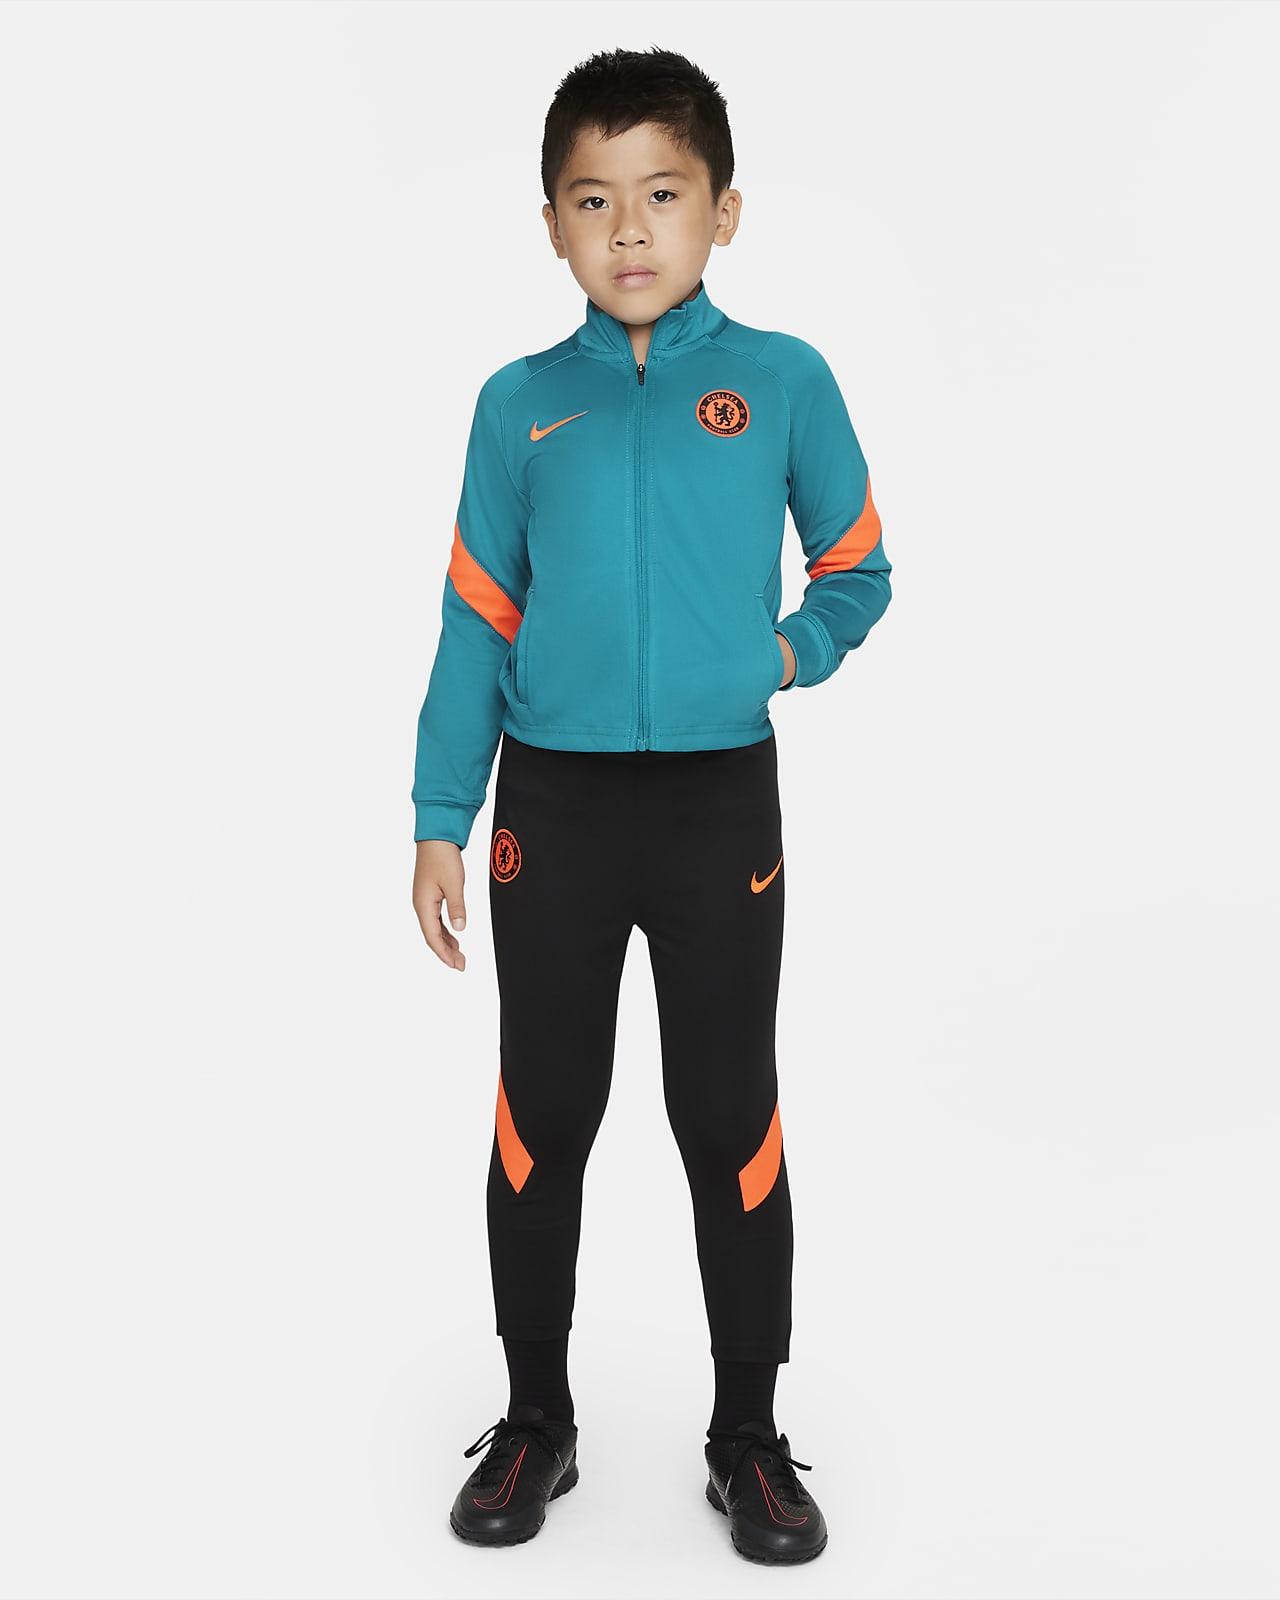 Chelsea FC Strike Xandall de teixit Knit Nike Dri-FIT de futbol - Nen/a petit/a